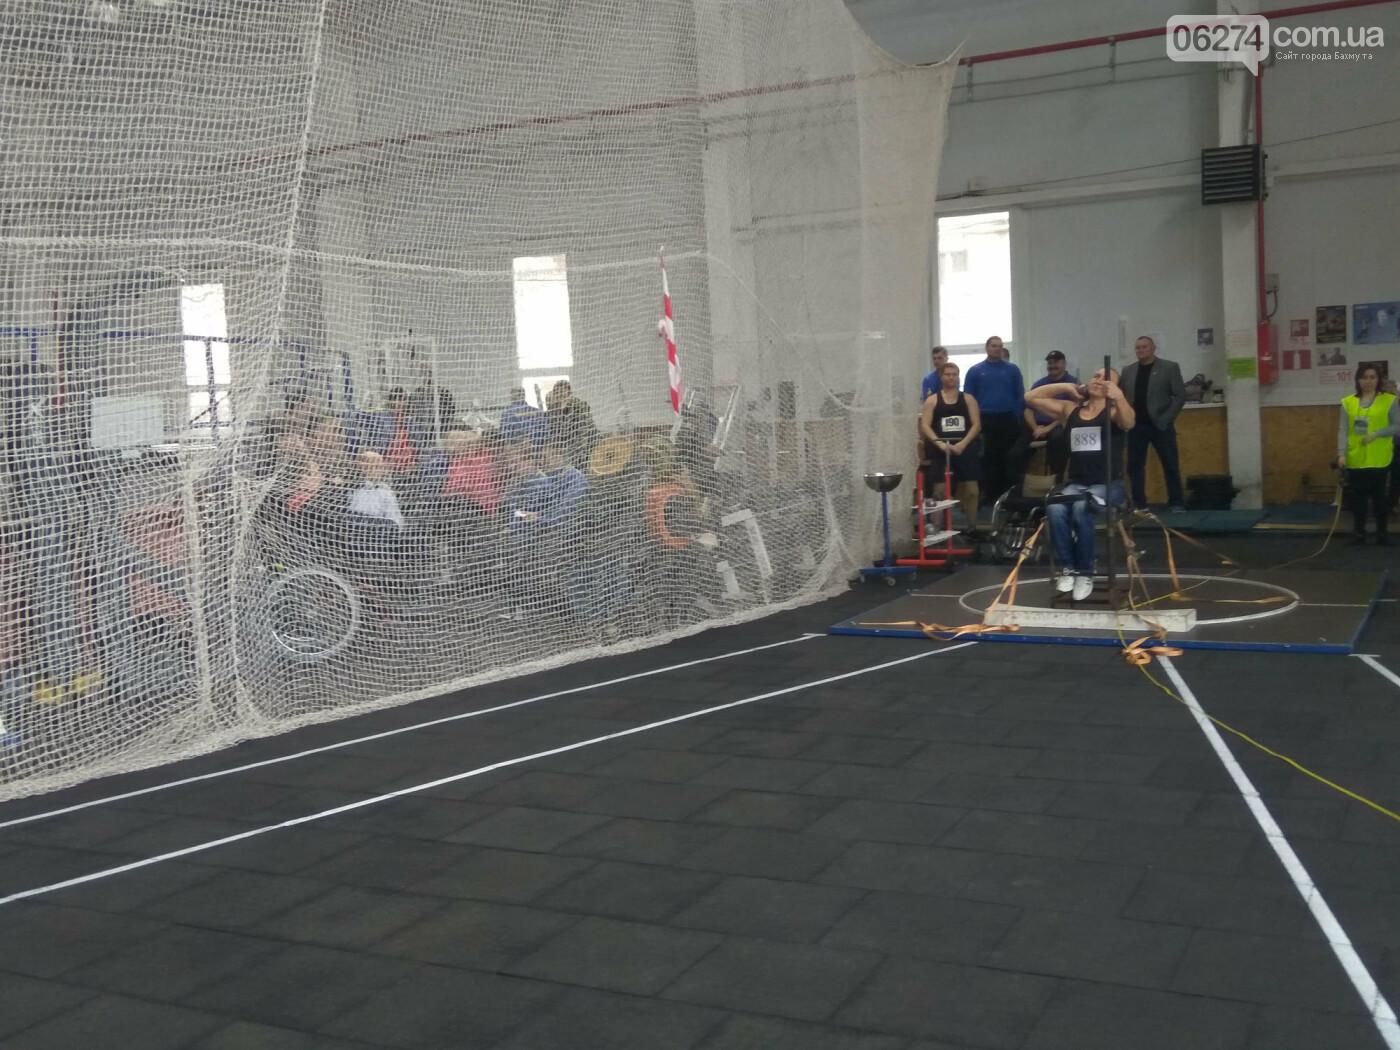 Бахмут принял чемпионат Украины по легкоатлетическим метаниям среди спортсменов с инвалидностью, фото-1